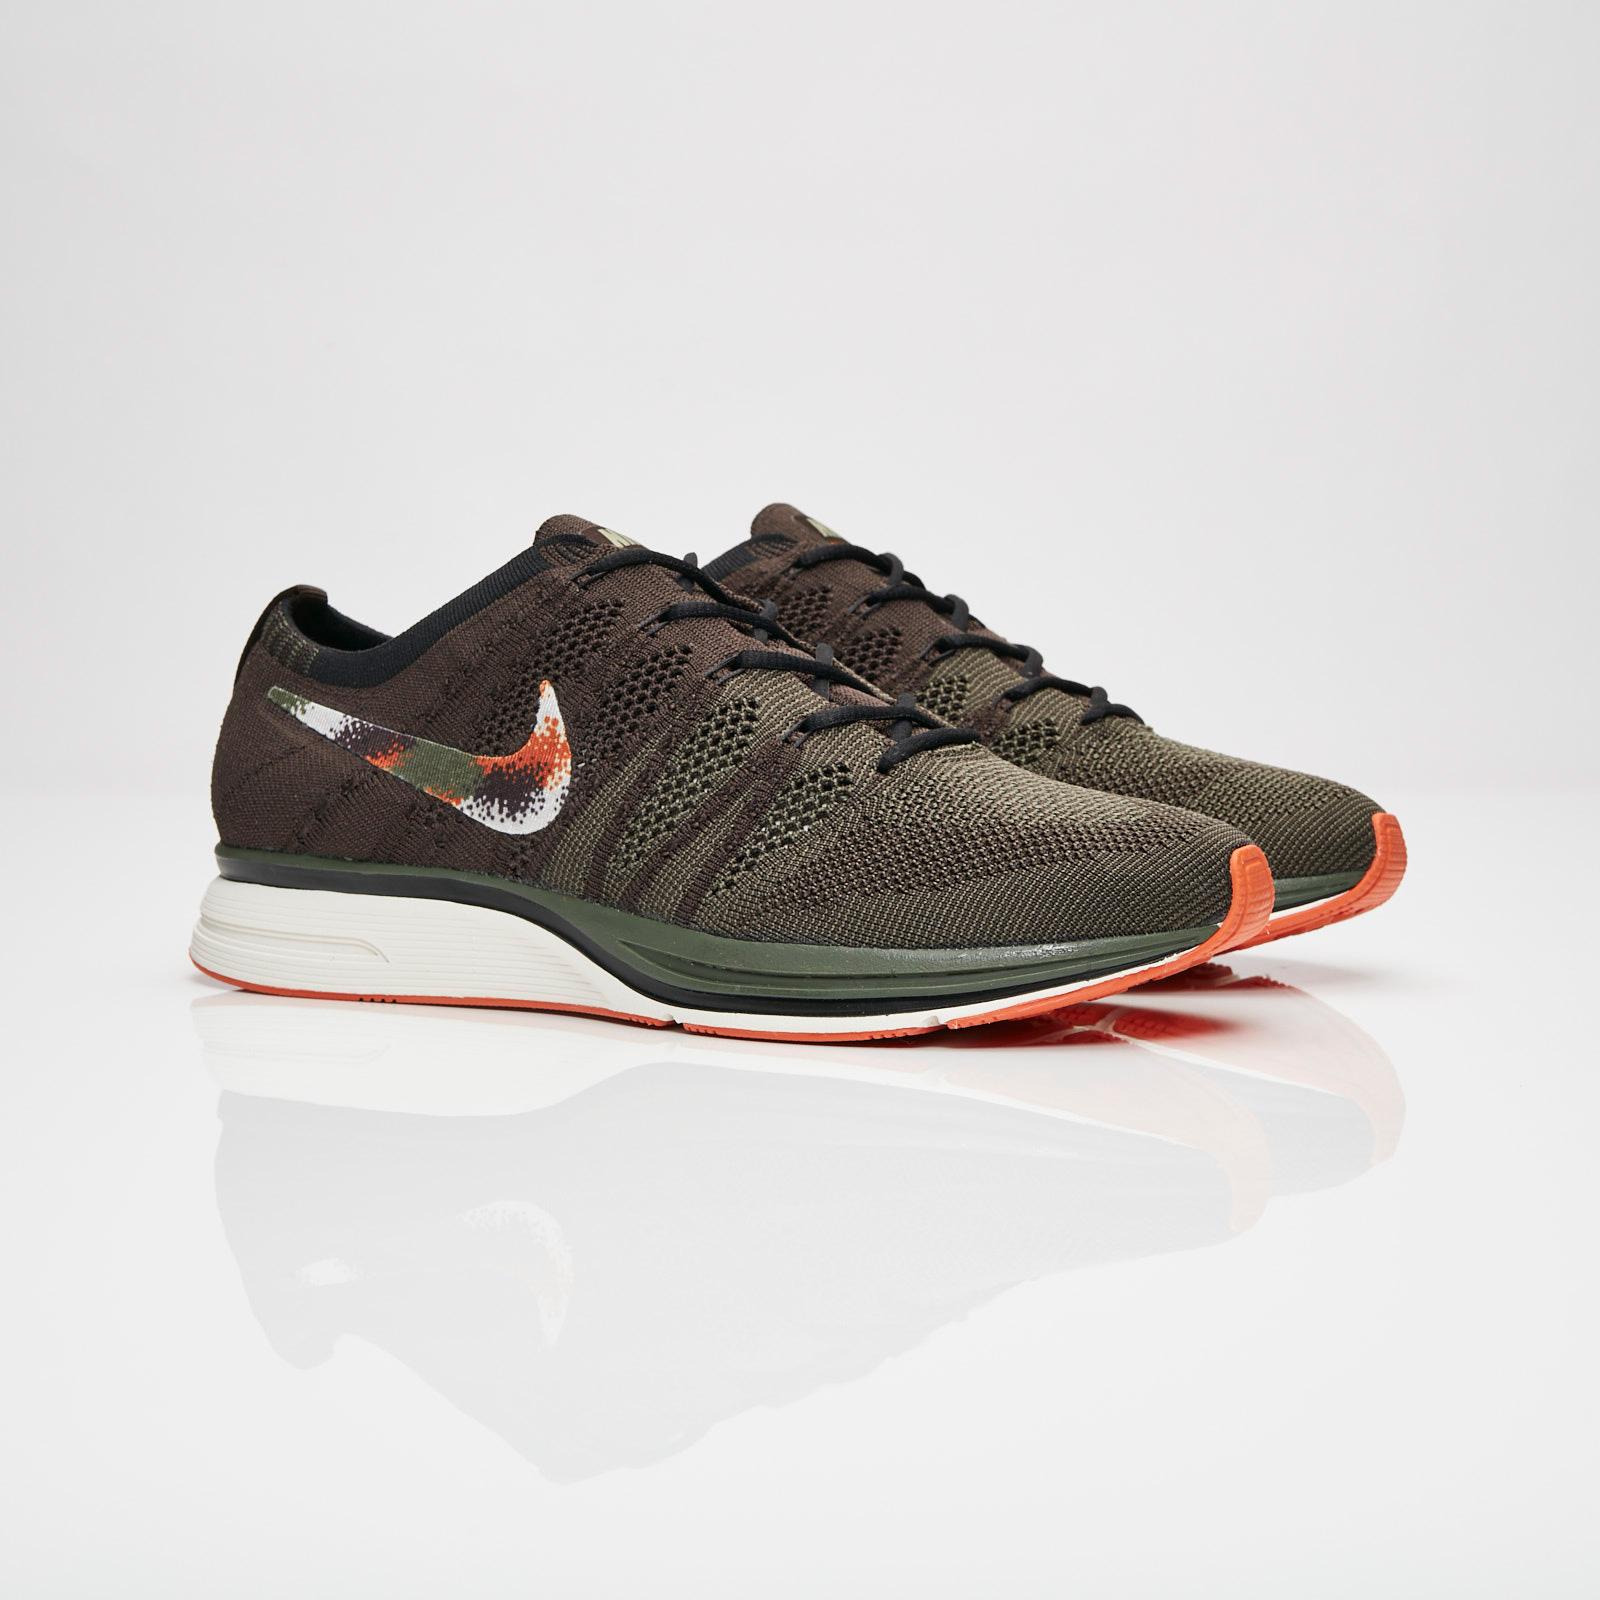 designer fashion d6b2b 55f4a Nike Sportswear Flyknit Trainer